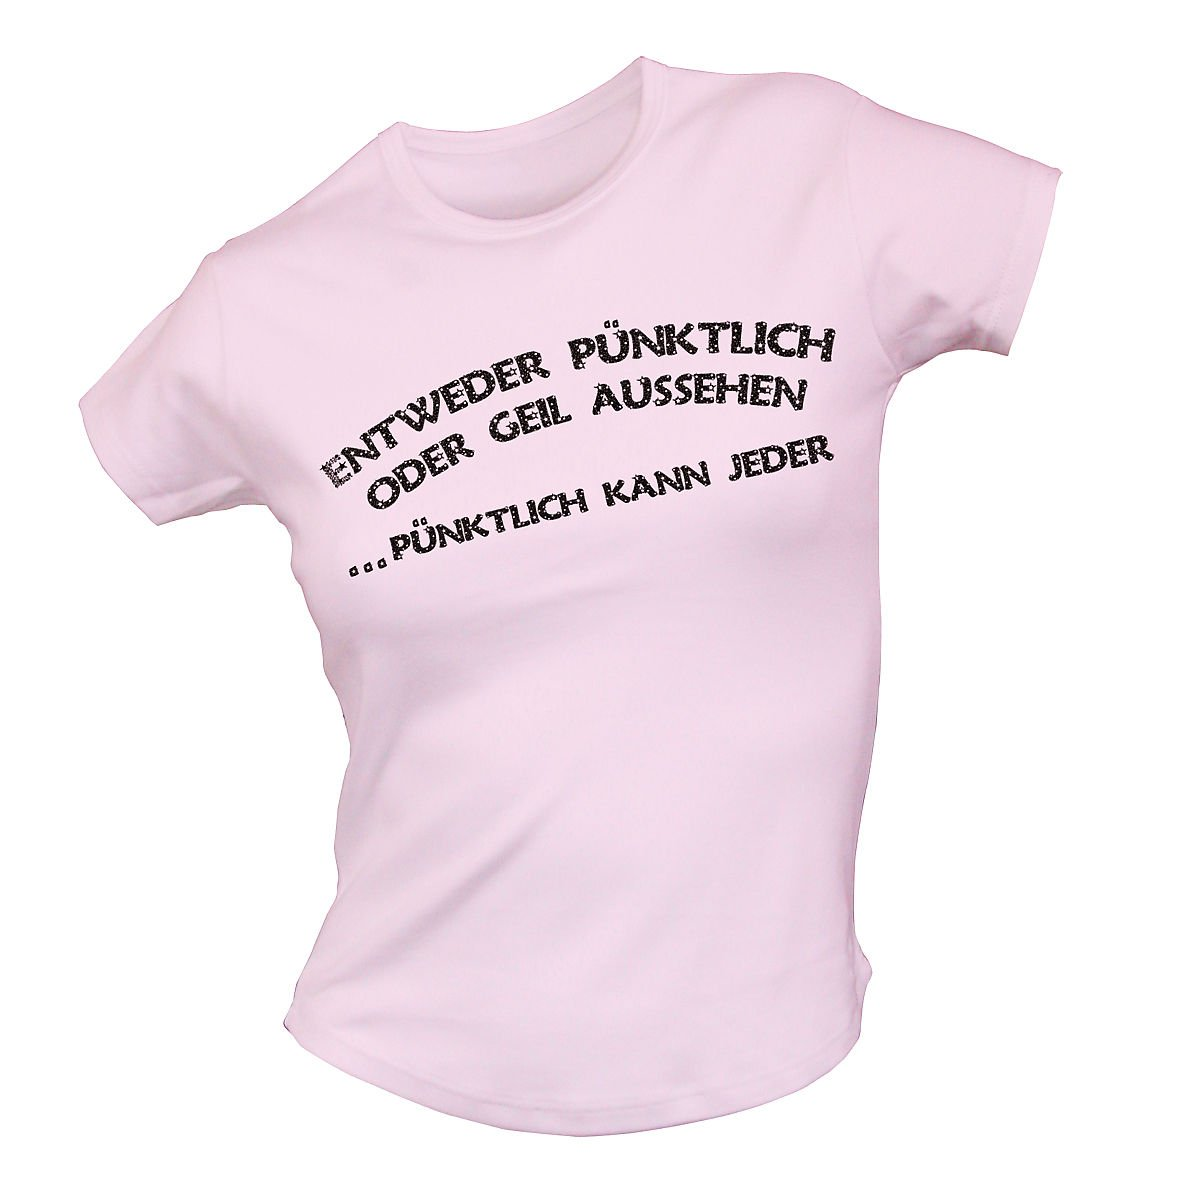 Full Size of Familie Ritter Sprüche T Shirt Landwirtschaft Sprüche T Shirt Lustige Sprüche T Shirt Feuerwehr Sprüche T Shirt Küche Sprüche T Shirt